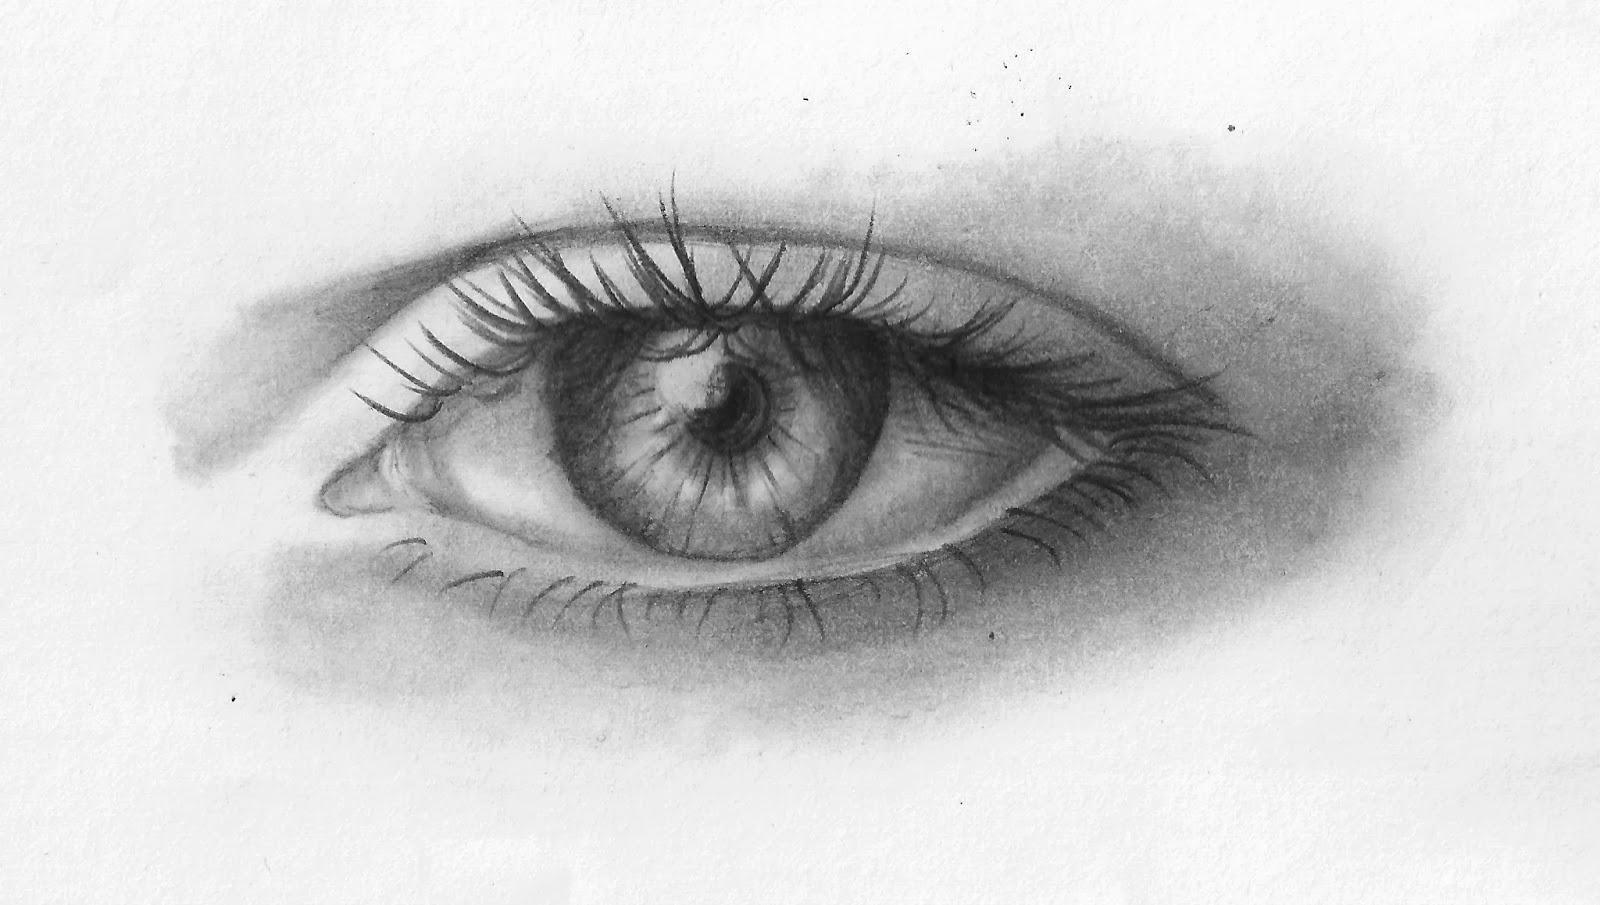 Amato Come disegnare un occhio JS13